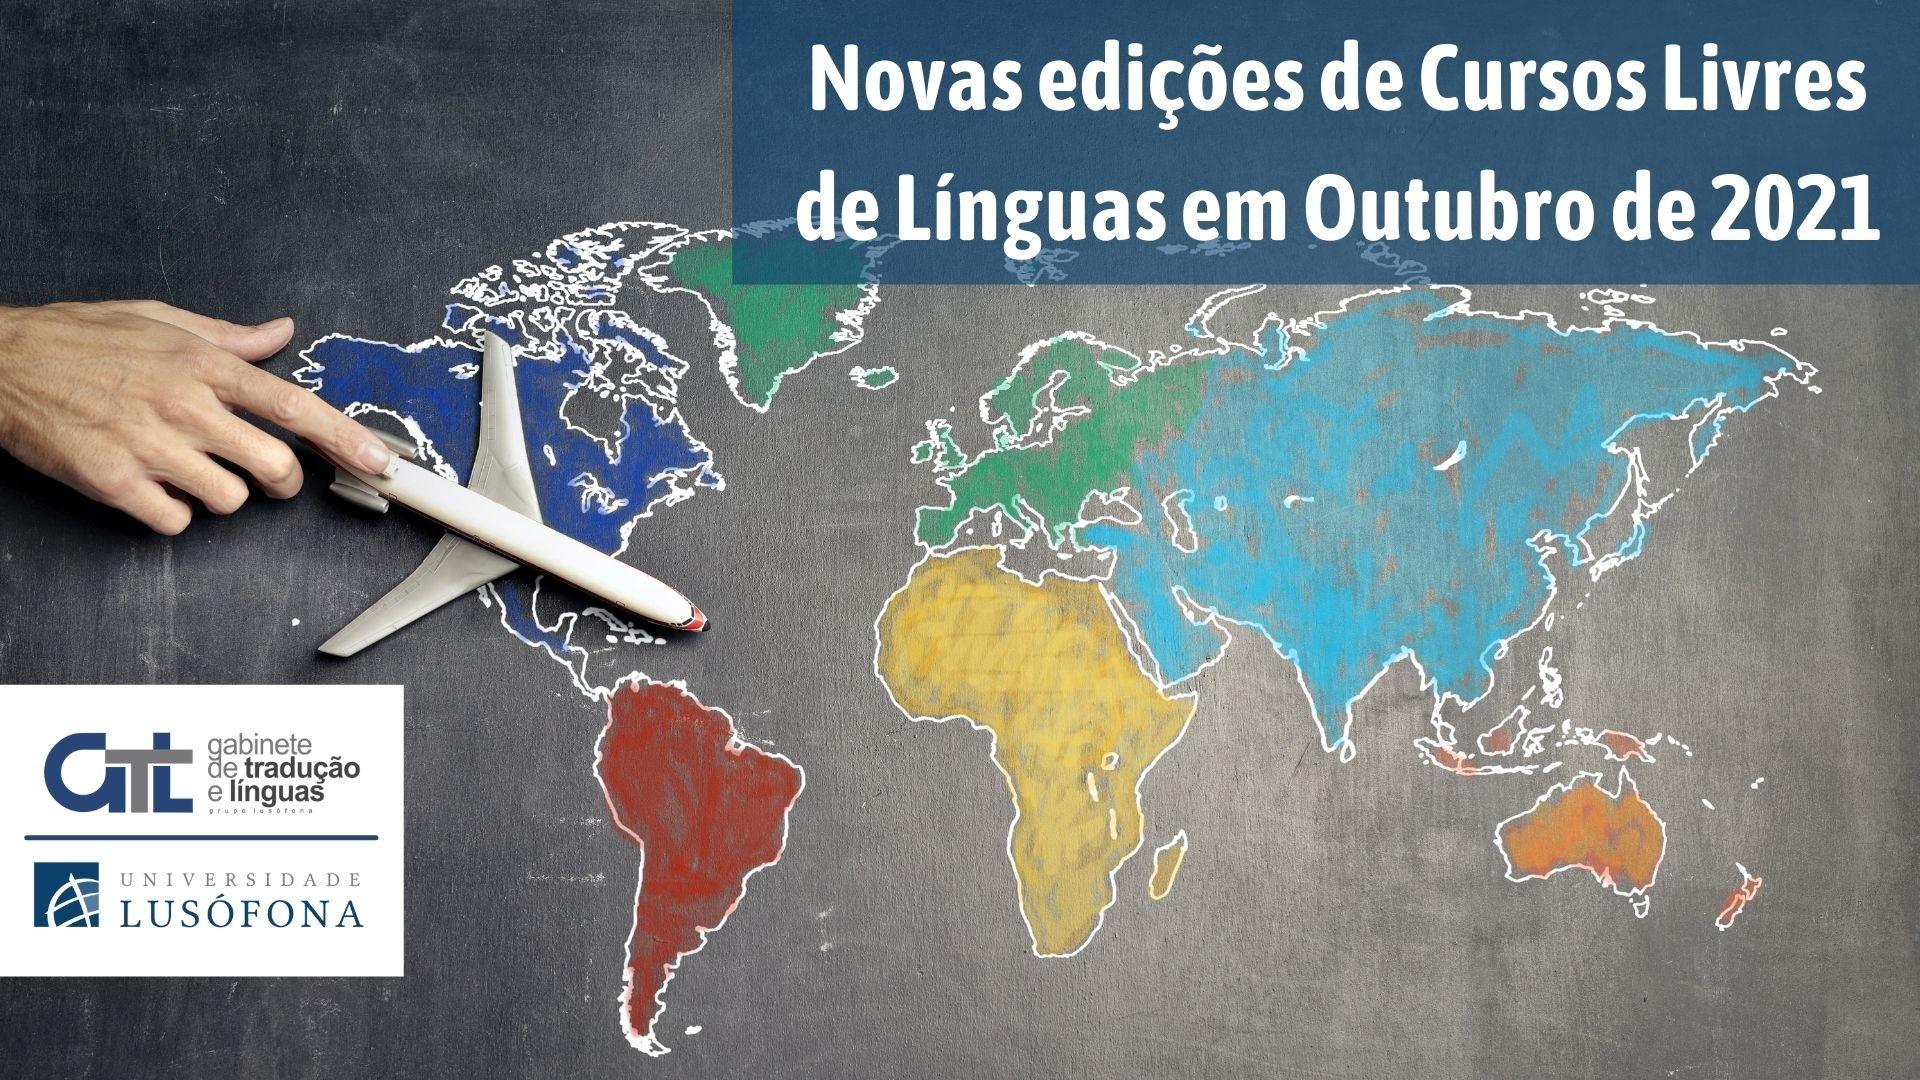 Novos Cursos Livres de Línguas em outubro de 2021!